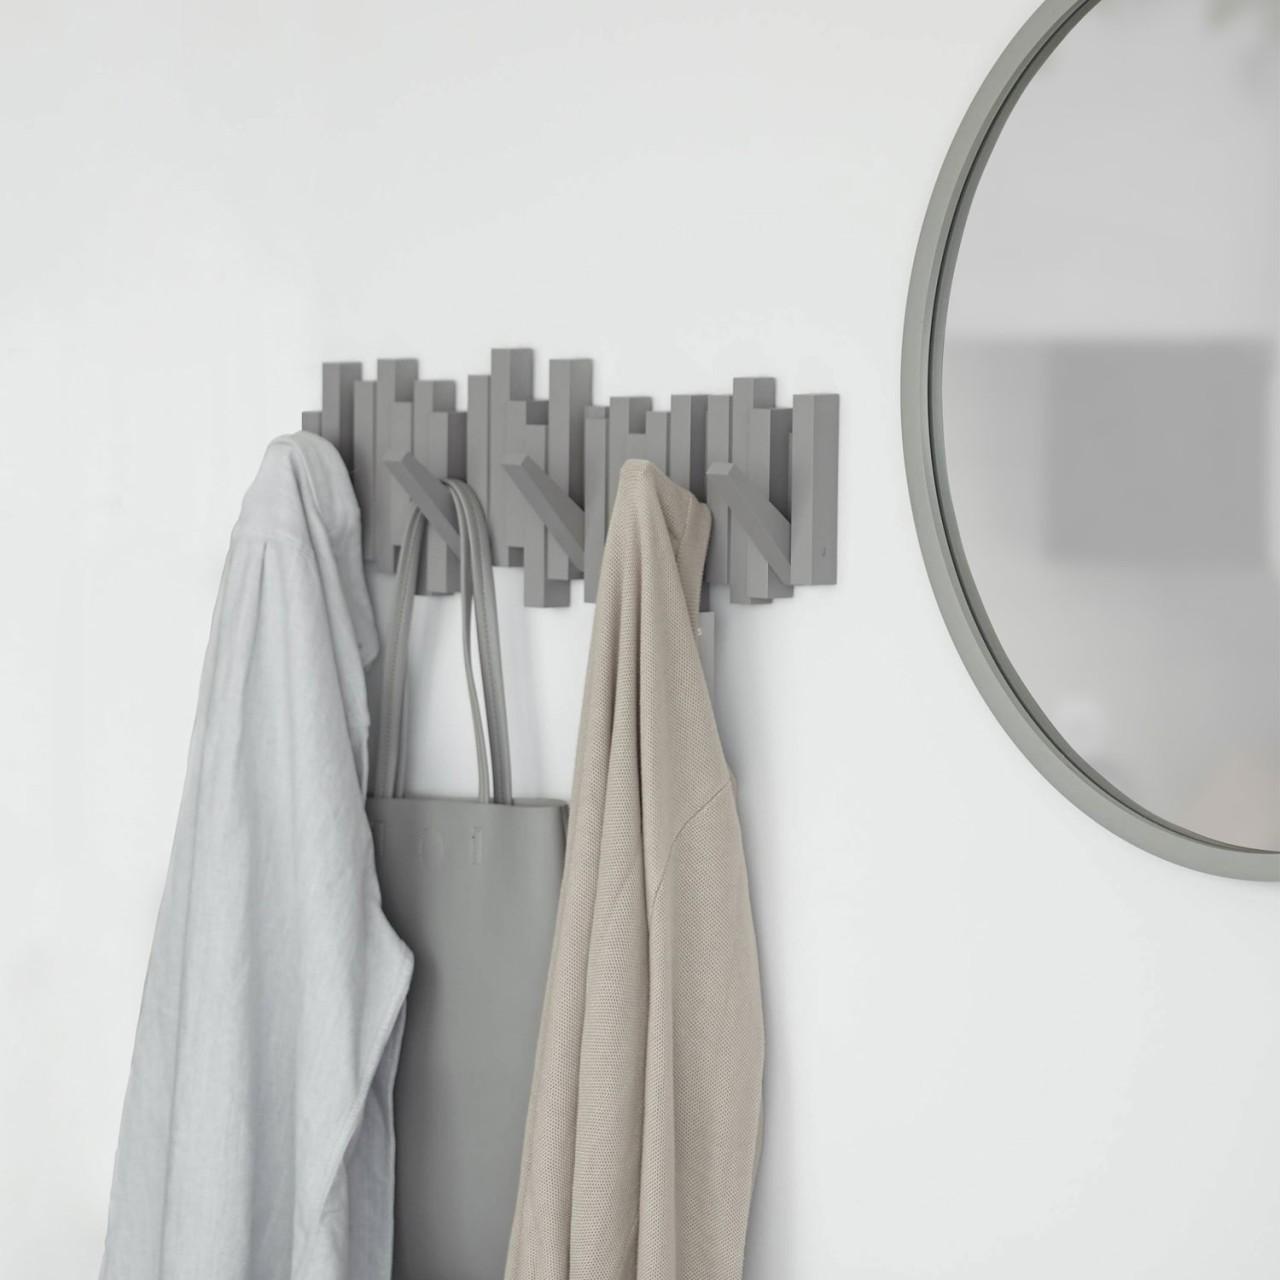 Moderne Garderobenleiste, 5 Haken - Garderobenhaken für Schals, Jacken & Mäntel